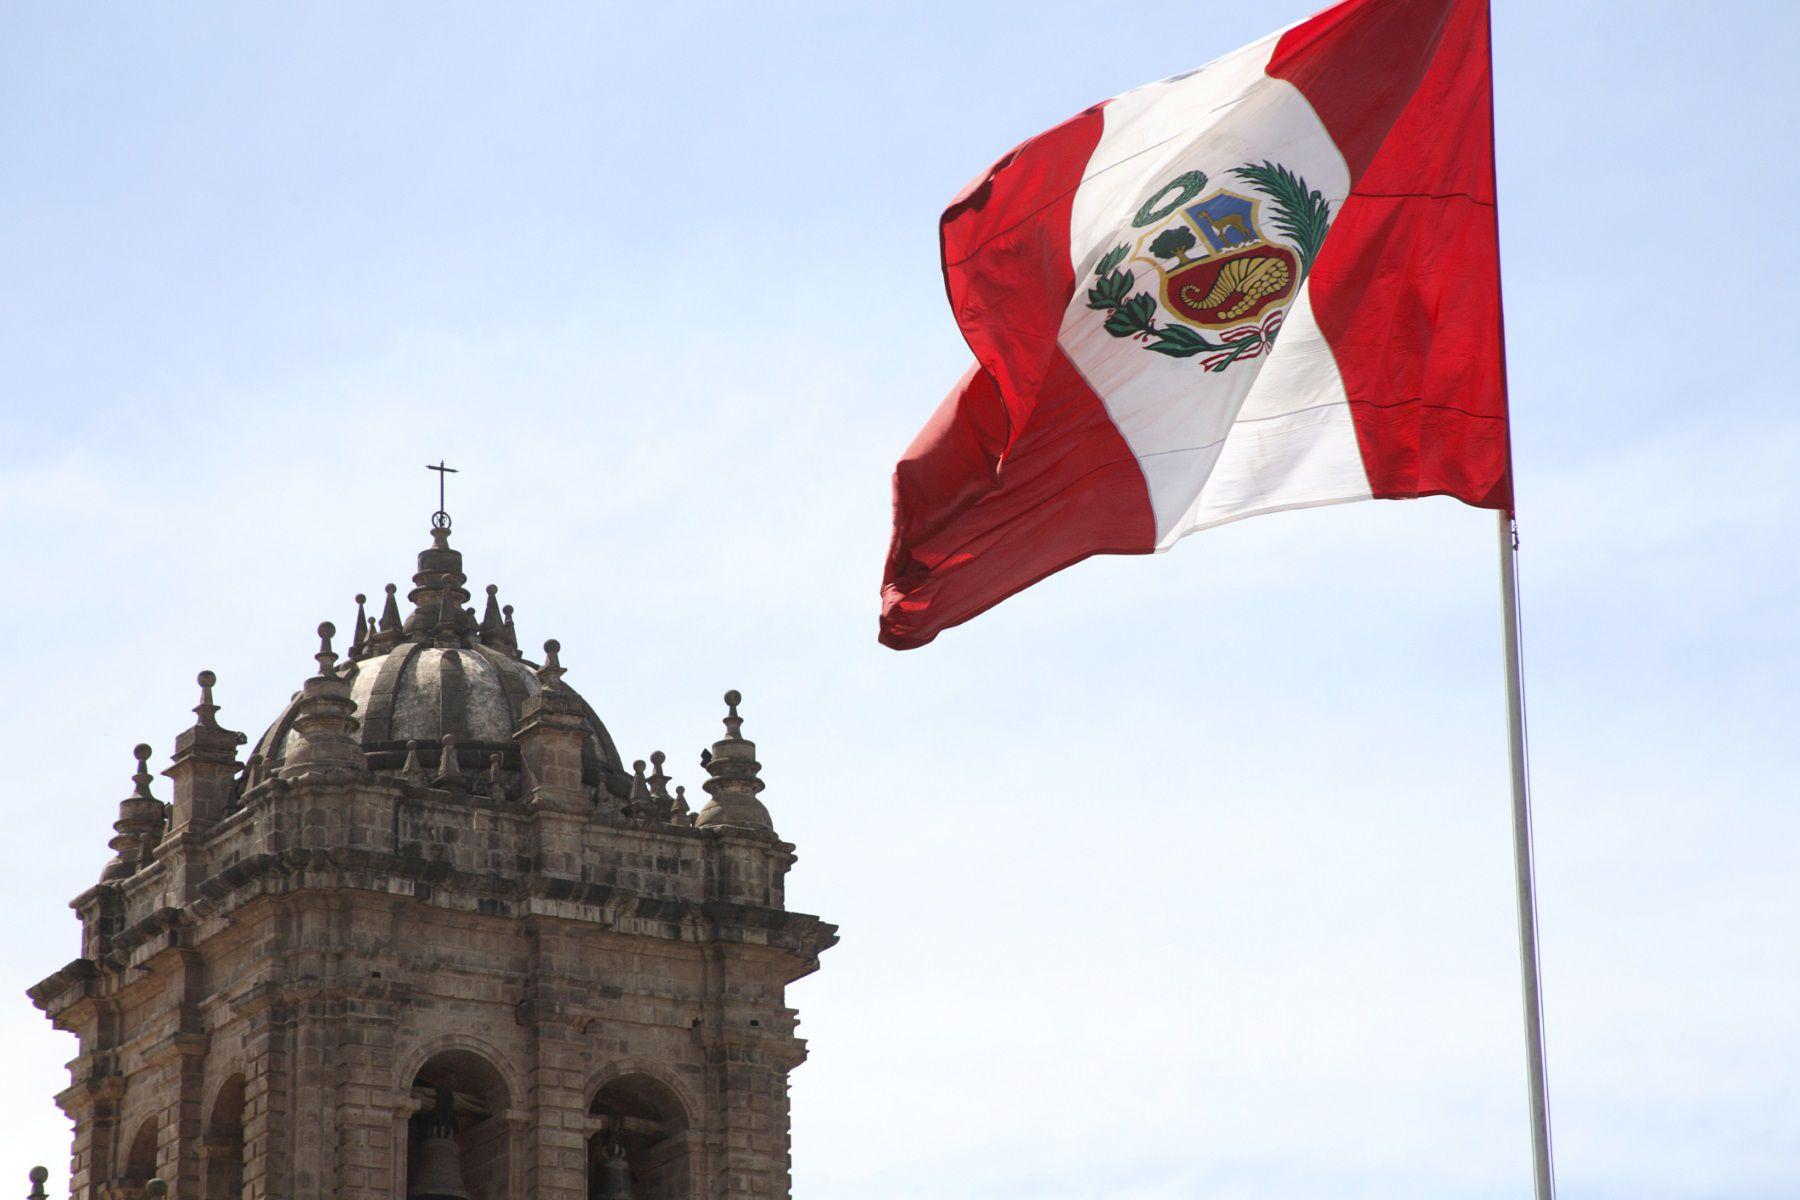 Peru pushing ports, airports, railways through 2021